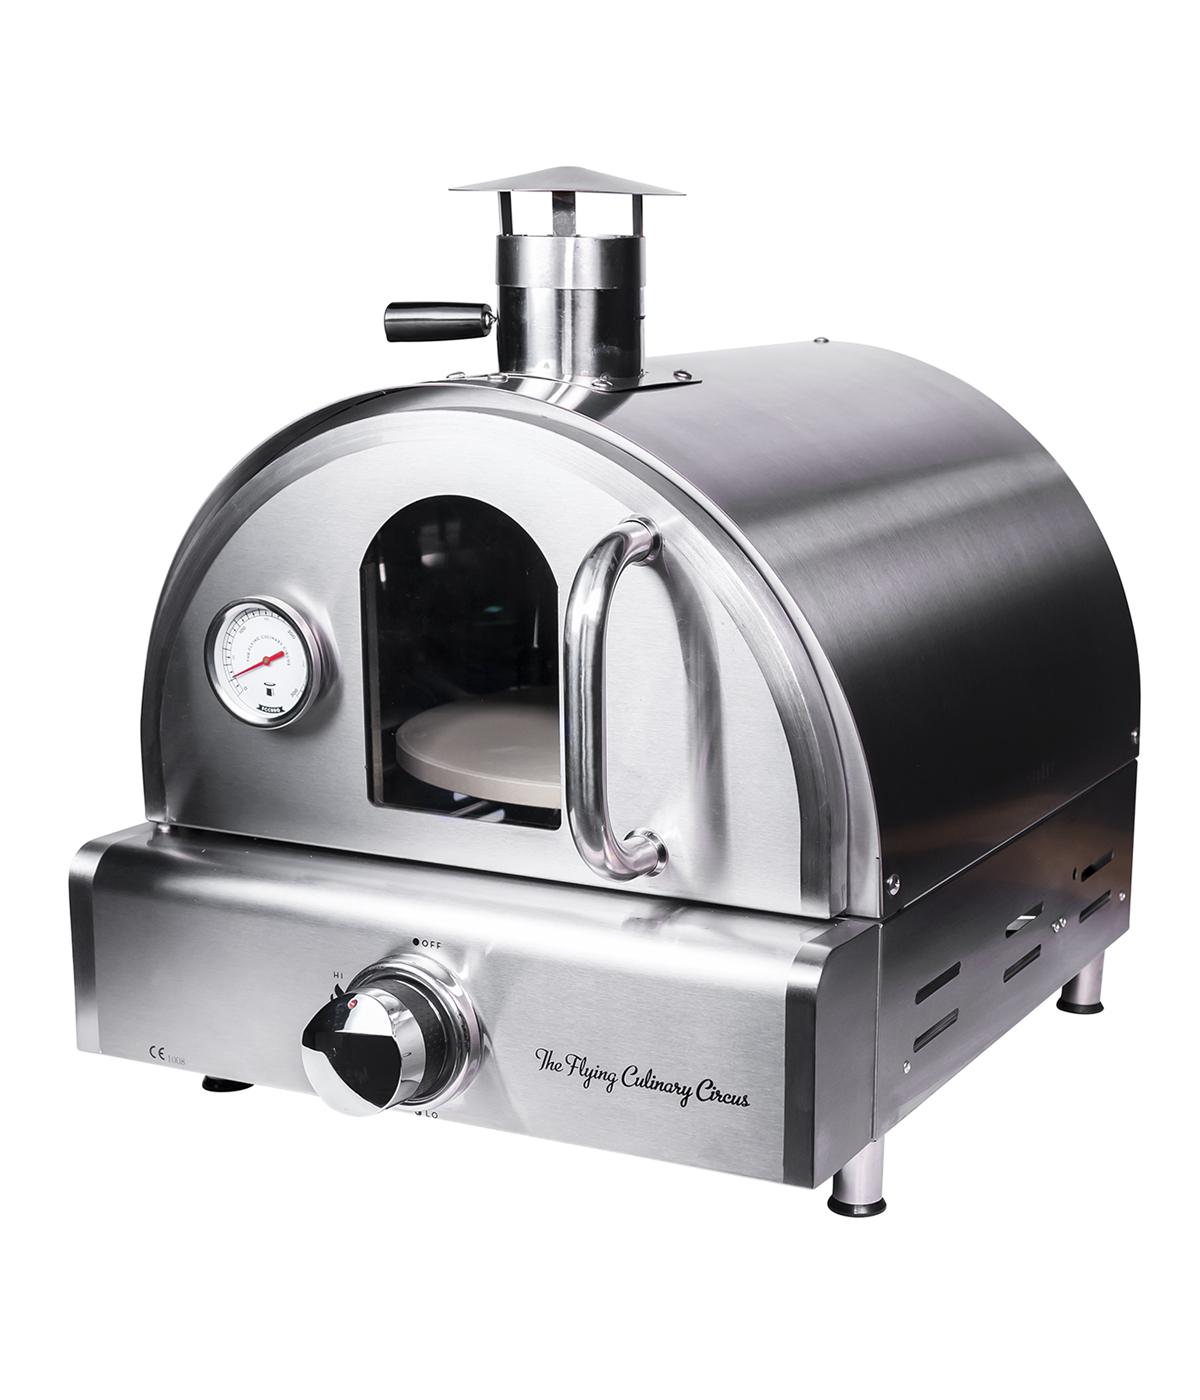 FCC-G-19420-00 pizza oven front door closed